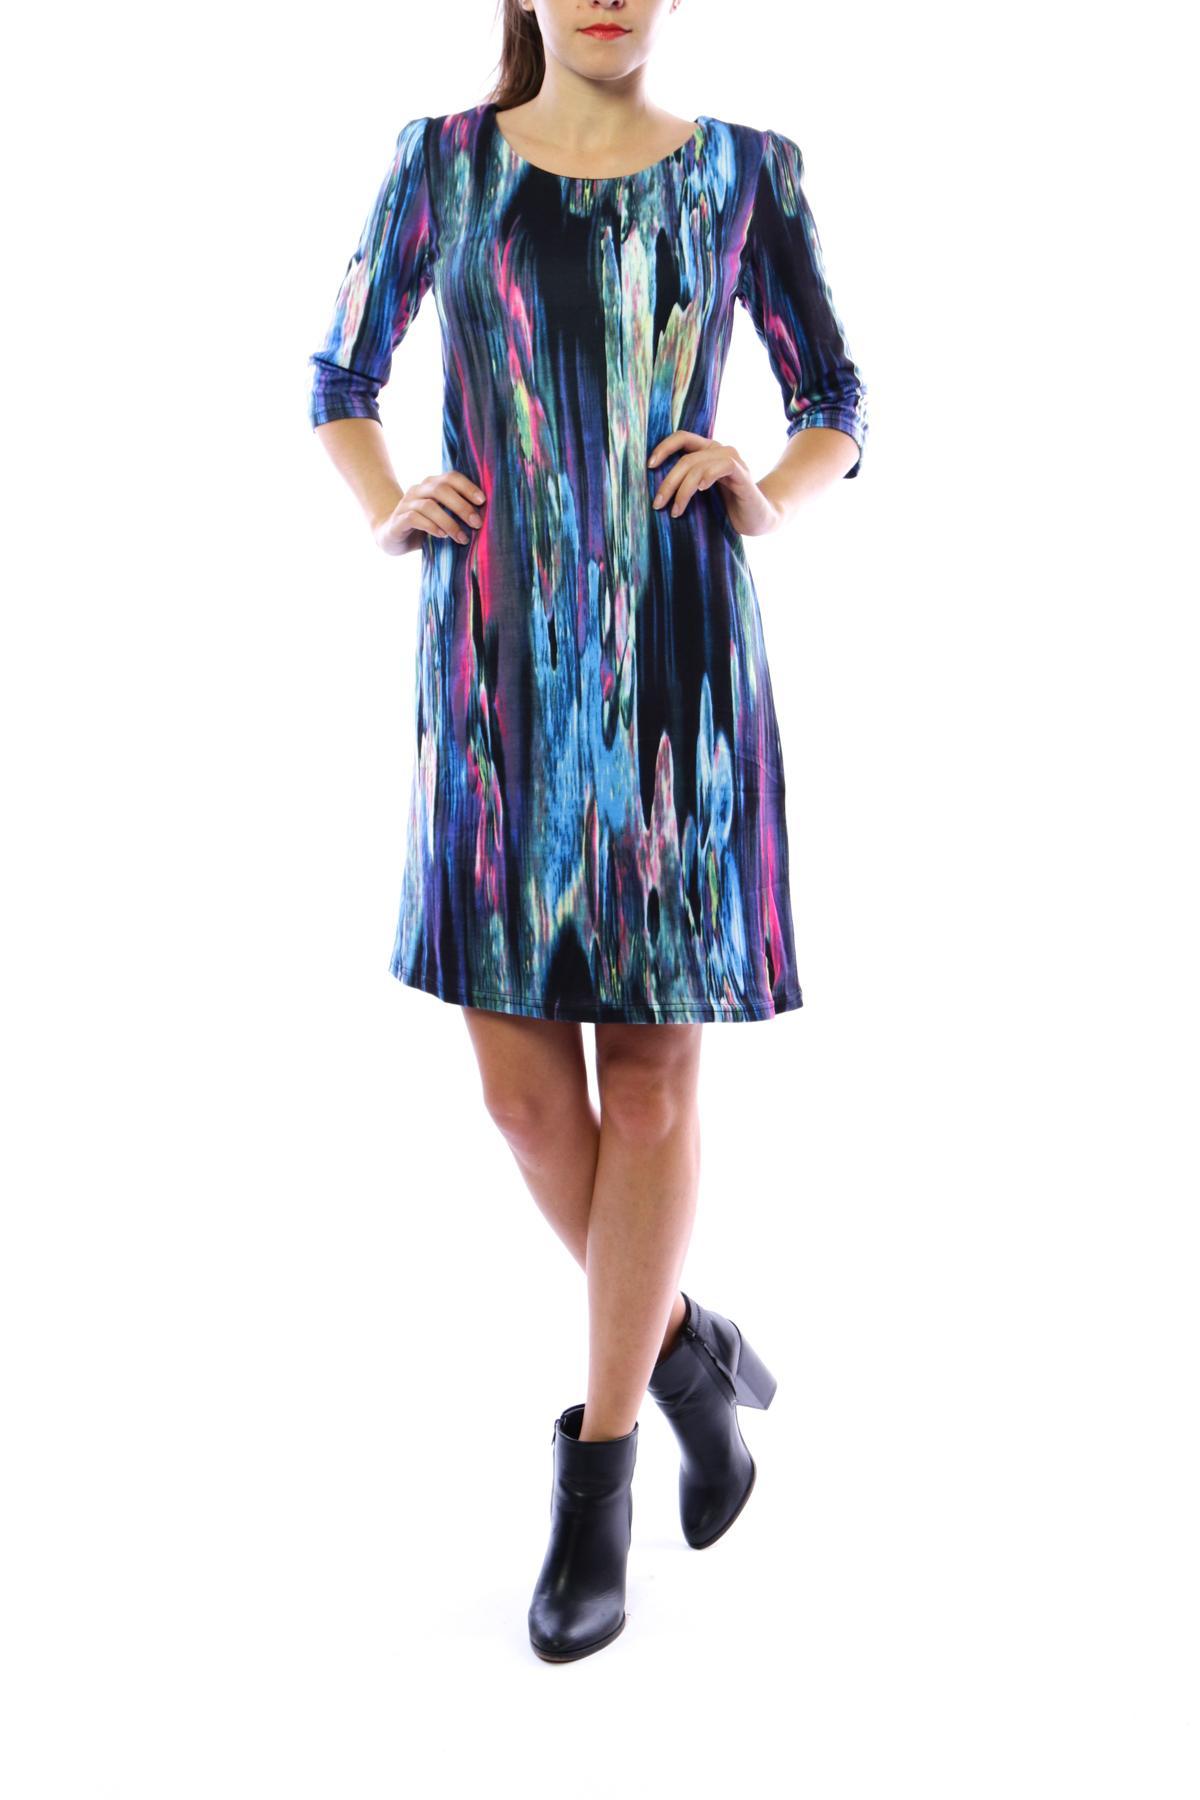 Robes mi-longues Femme Violet For Her Paris (SHINIE) 8669 #c eFashion Paris